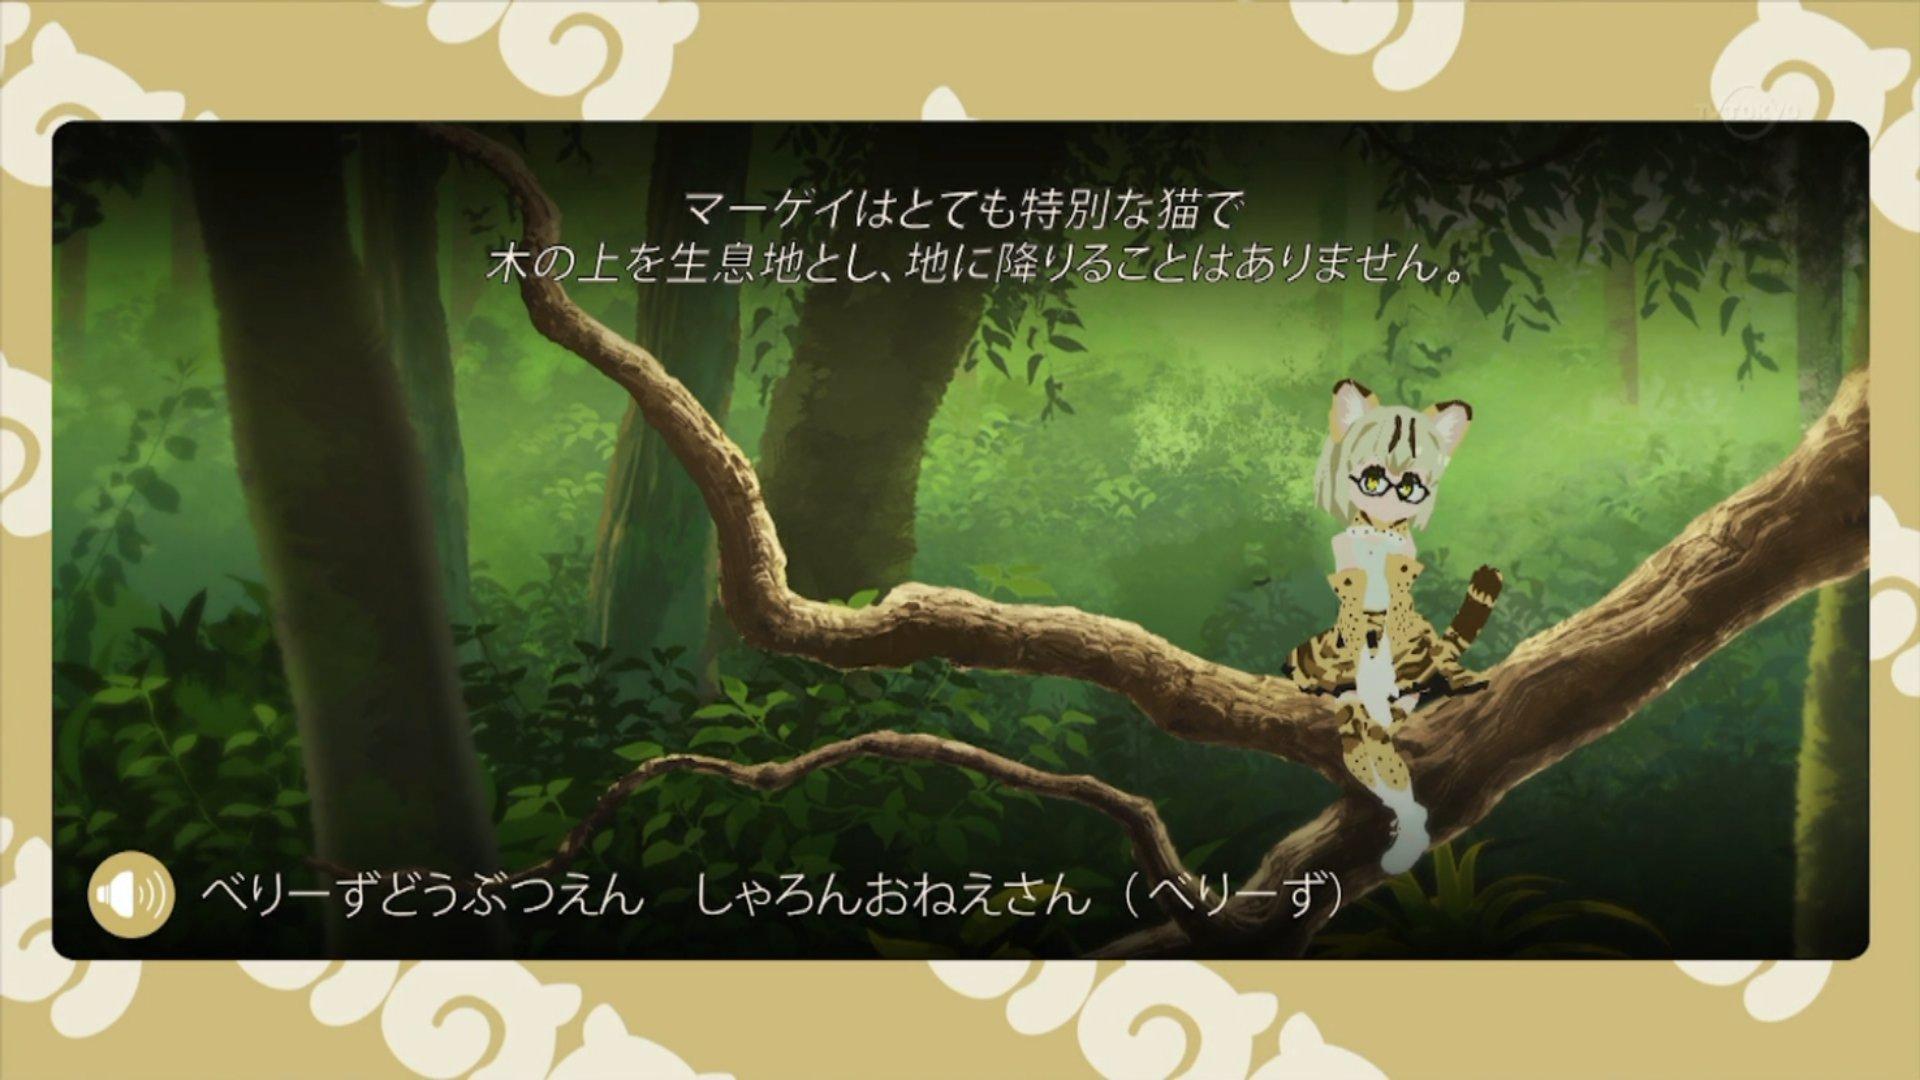 しゃろんおねえさん(べりーず) #けもフレ #kemo_anime #tvtokyo https://t.co/CpvTe2HRS2